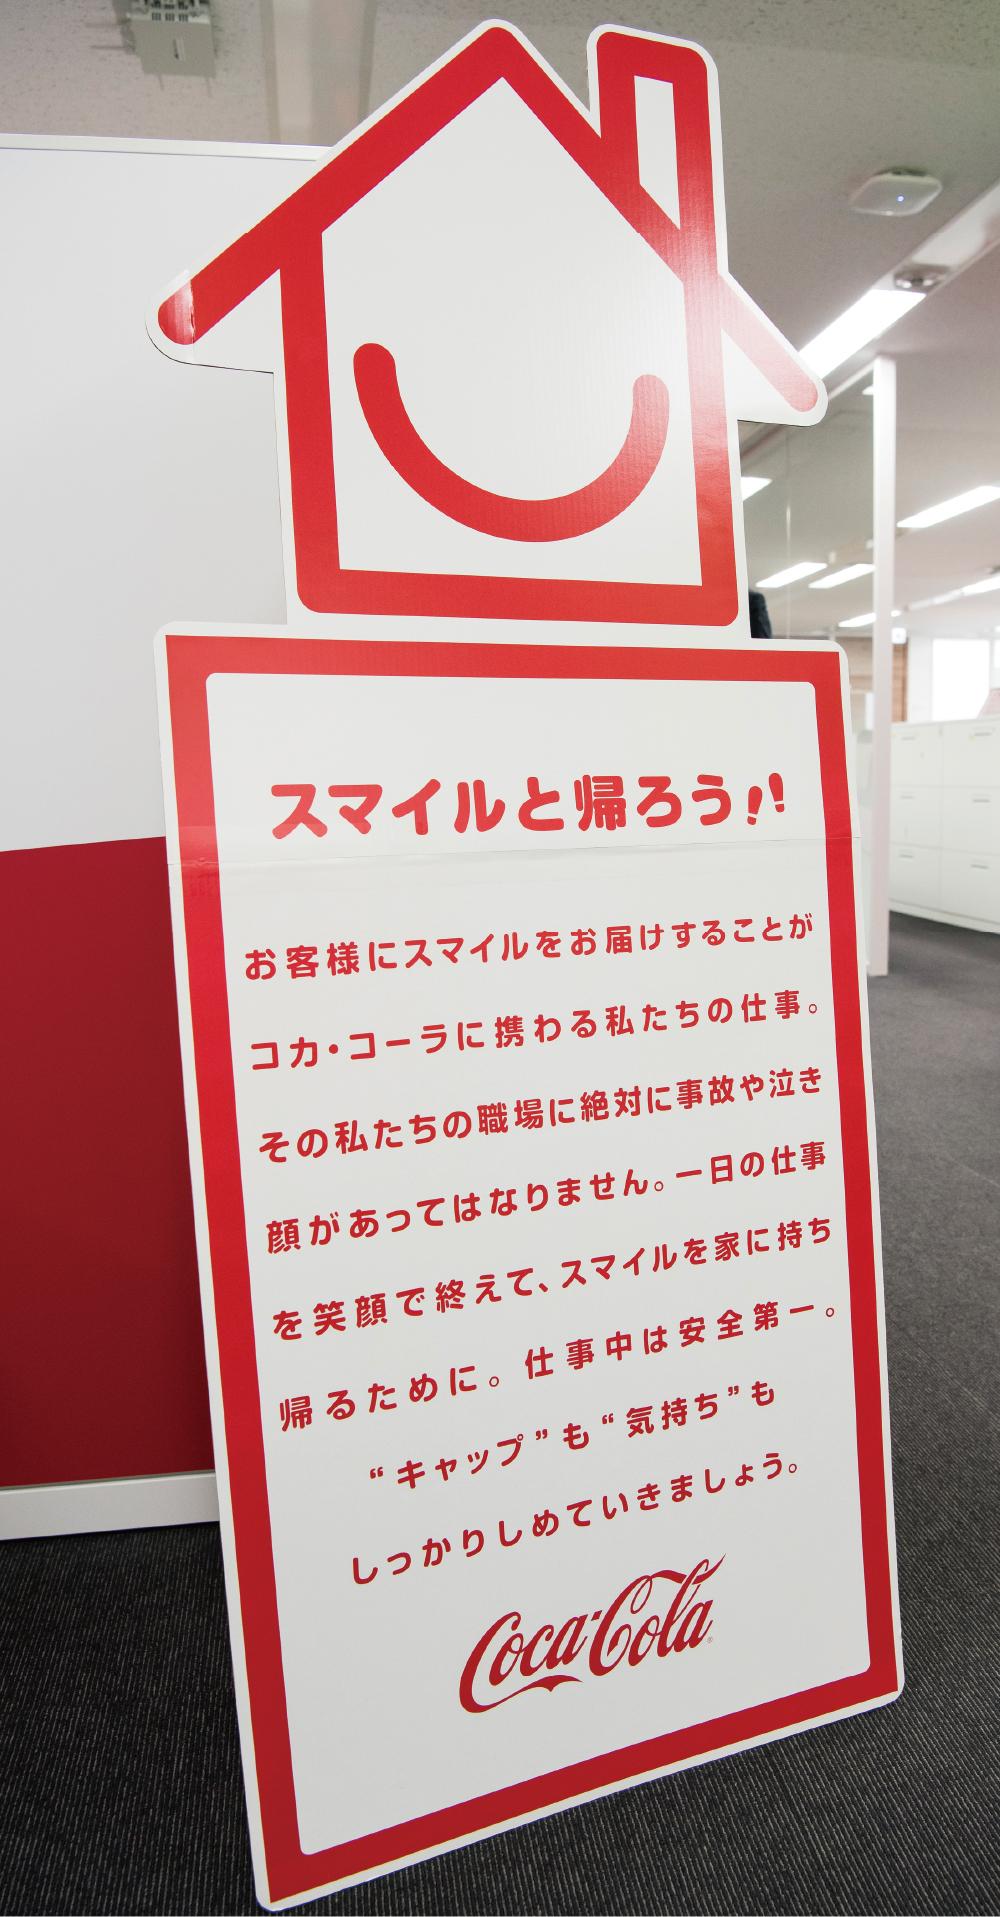 コカ・コーライーストジャパン株式会社 法務本部